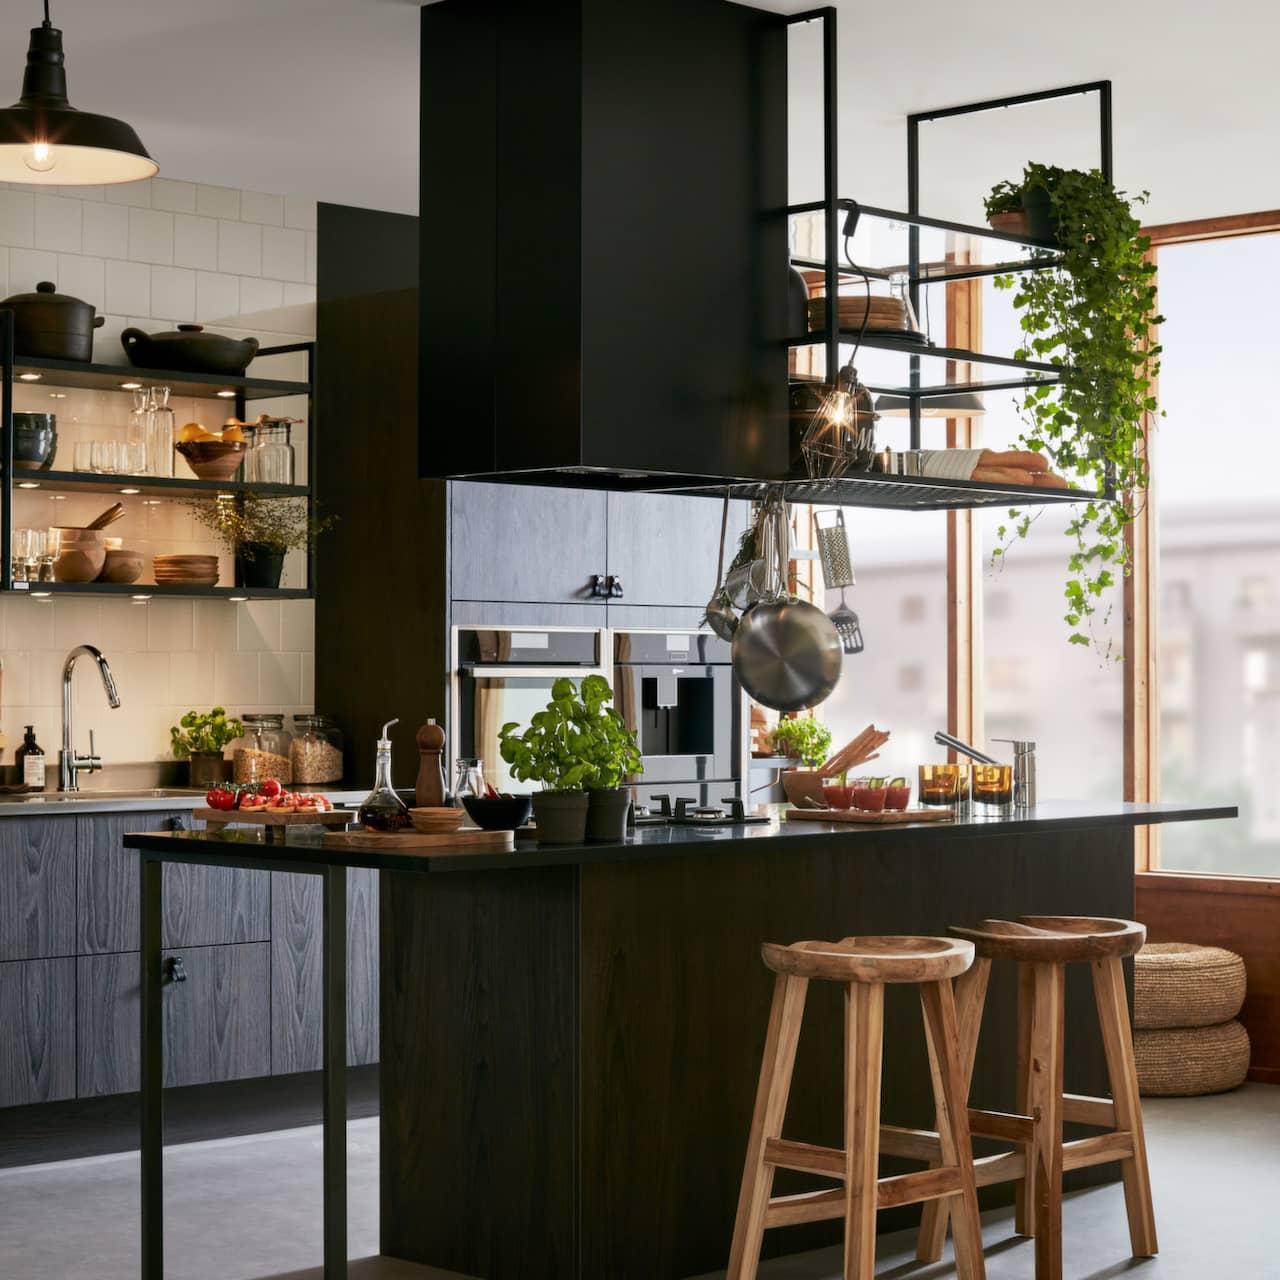 k k tips och inspiration f r att inreda k ket leva bo. Black Bedroom Furniture Sets. Home Design Ideas